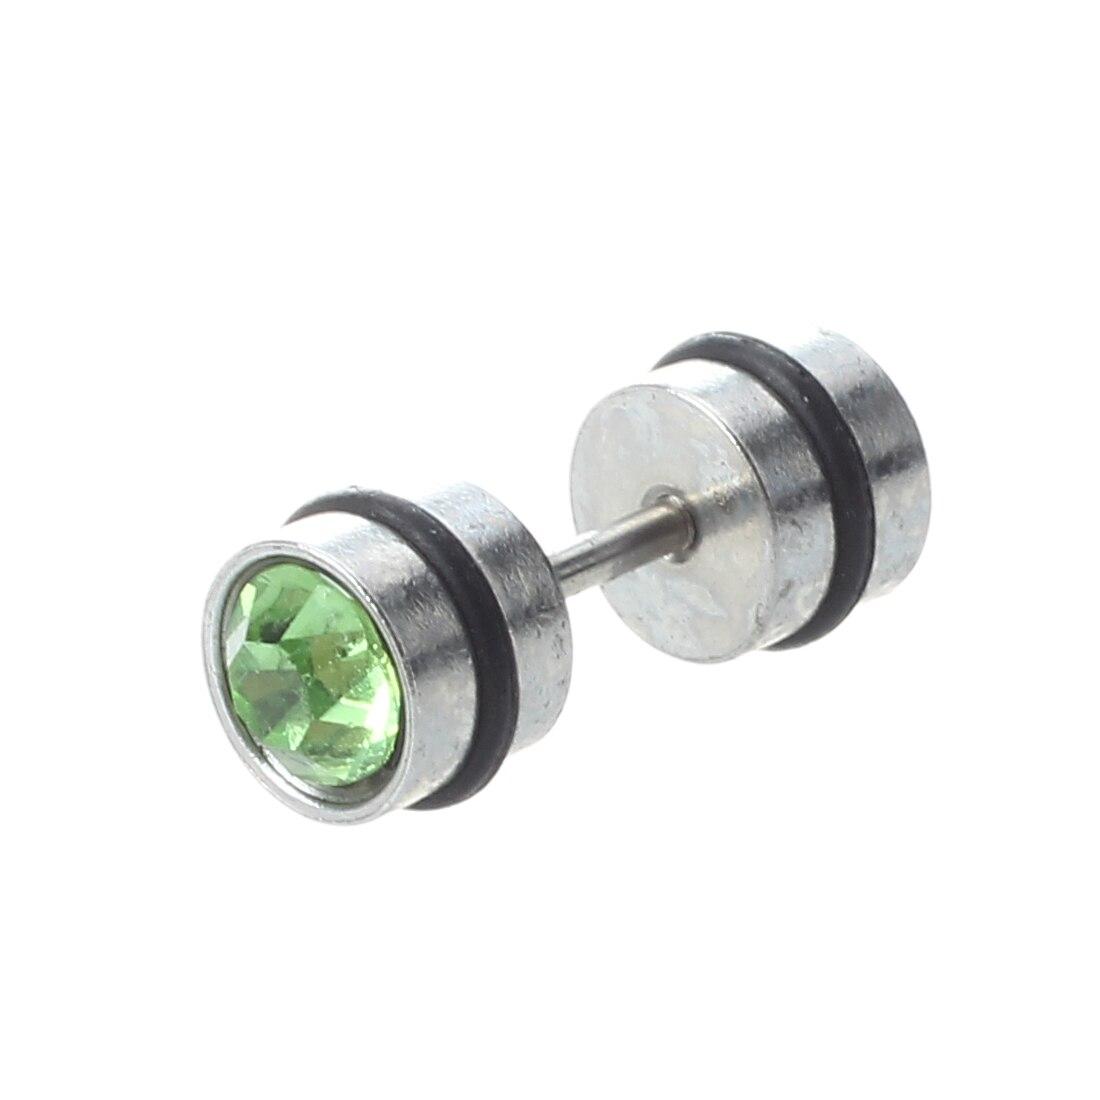 Mens Earring Ear Stud Stainless Steel Crystal Fake Plug